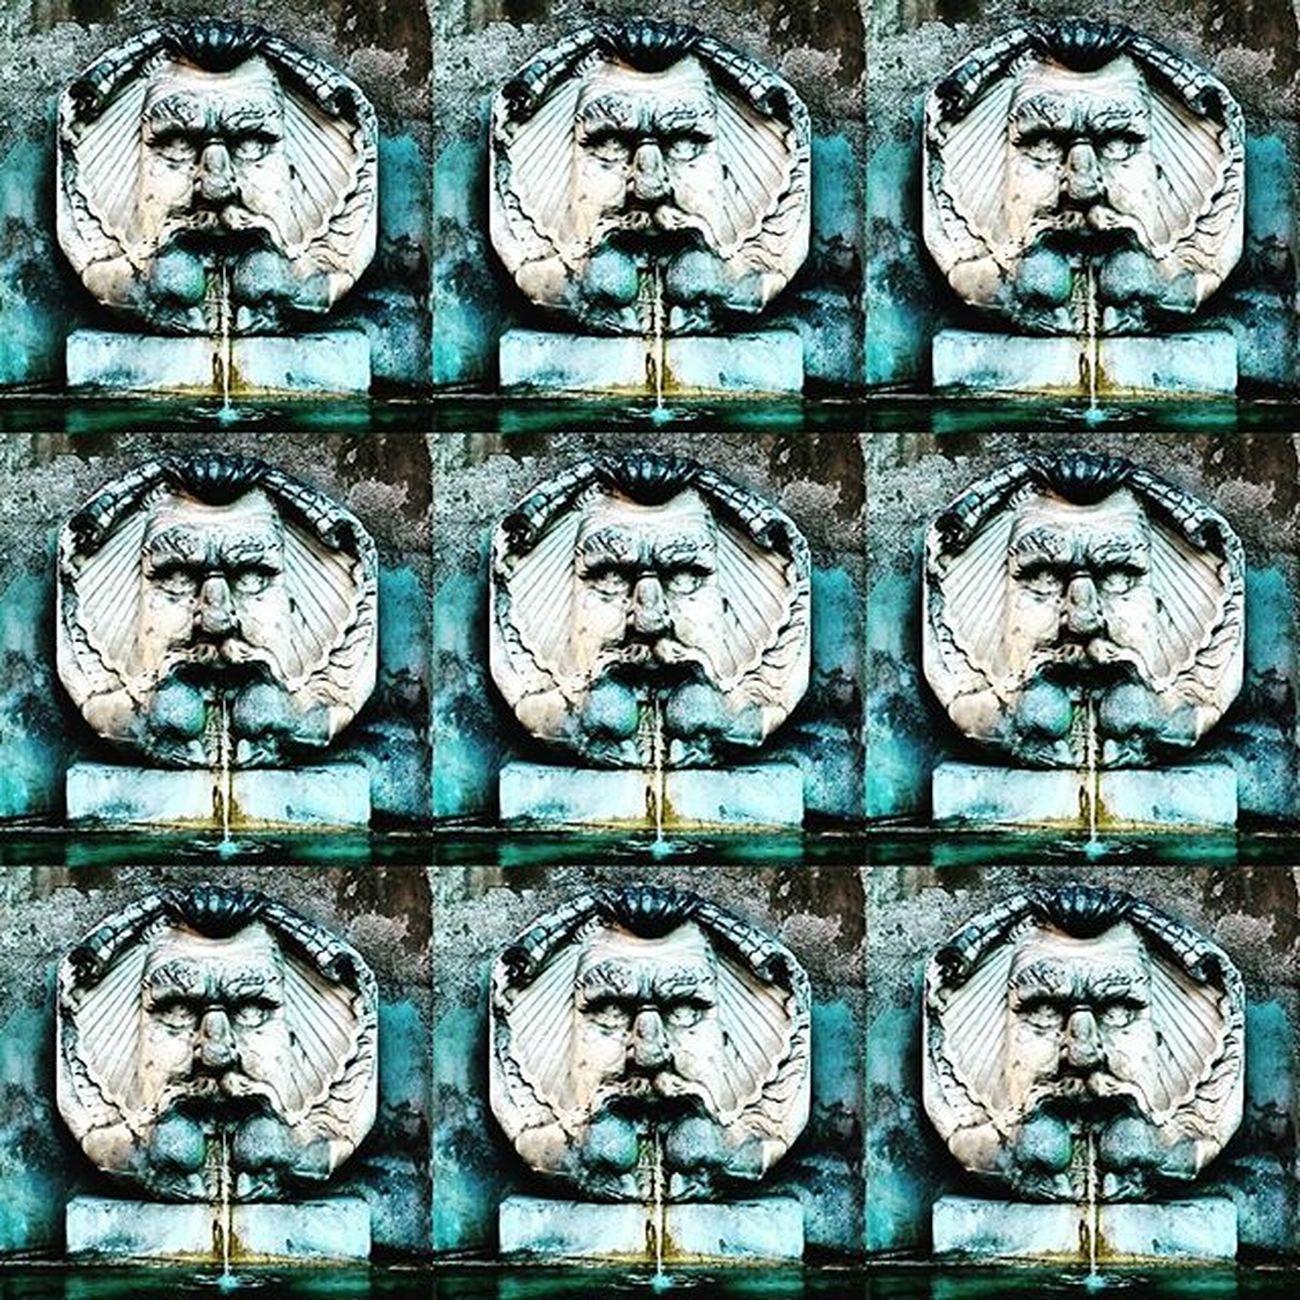 Dettaglidiroma LOVES_ROMA_ LOVES_LAZIO_ LOVES_UNITED_LAZIO Loves_lazio Loves_united_roma Loves_roma Igersroma Visitroma Myrome Lazioisme Igersitalia Volgoroma Volgoitalia Bestlaziopics Bestitaliapics Rionideroma Visititalia Earth_escape Mylittleitaly Cometorome Fountain Fountains Water Rome face mascherone garden square rome